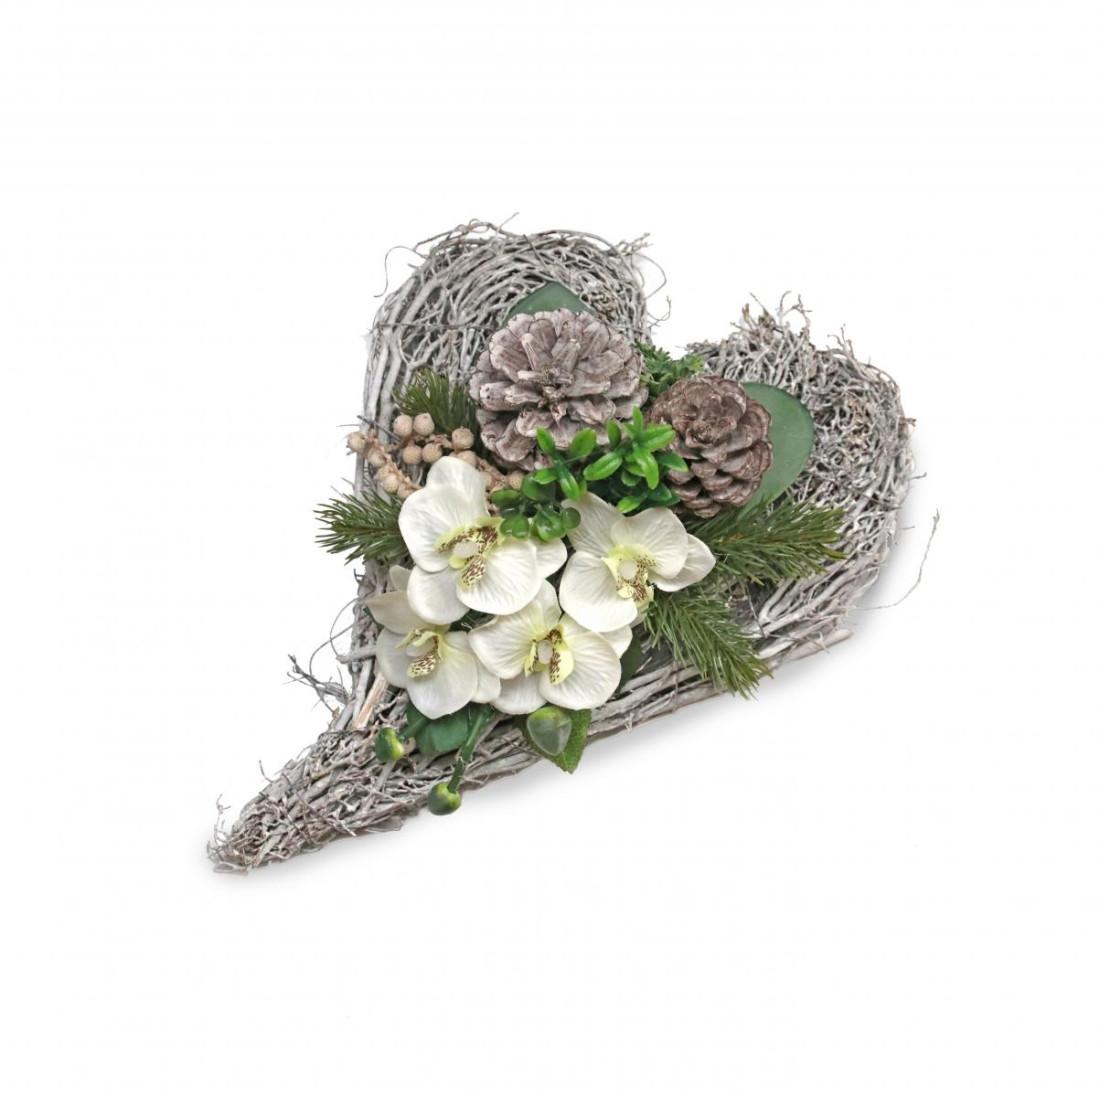 Rebenherz Rosengesteck Rosenherz Grabgesteck Tischgesteck Tischdeko Herz Creme weiß mit Orchideen